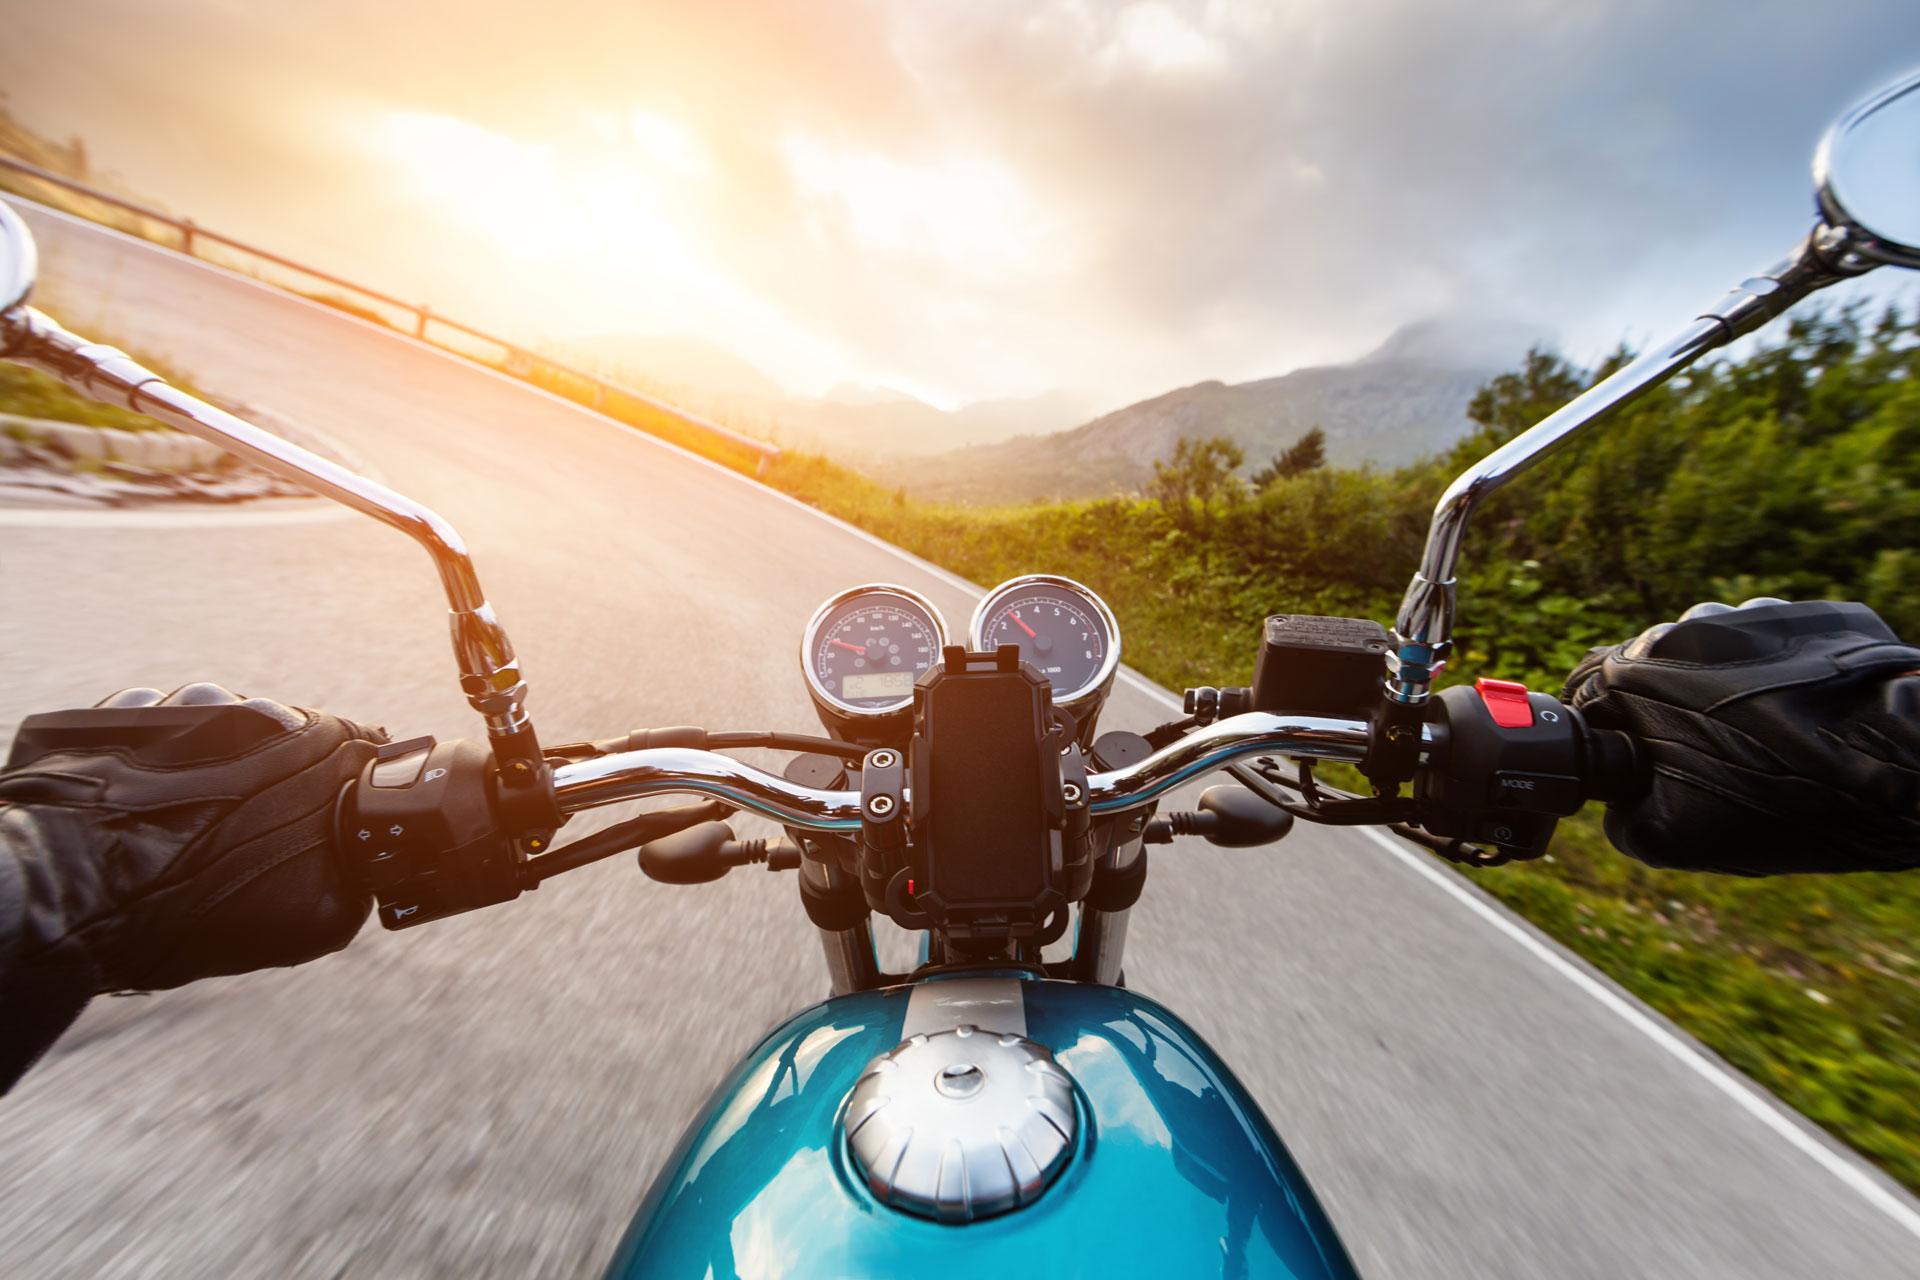 Gehörschutz für Motorrad-Fahrer